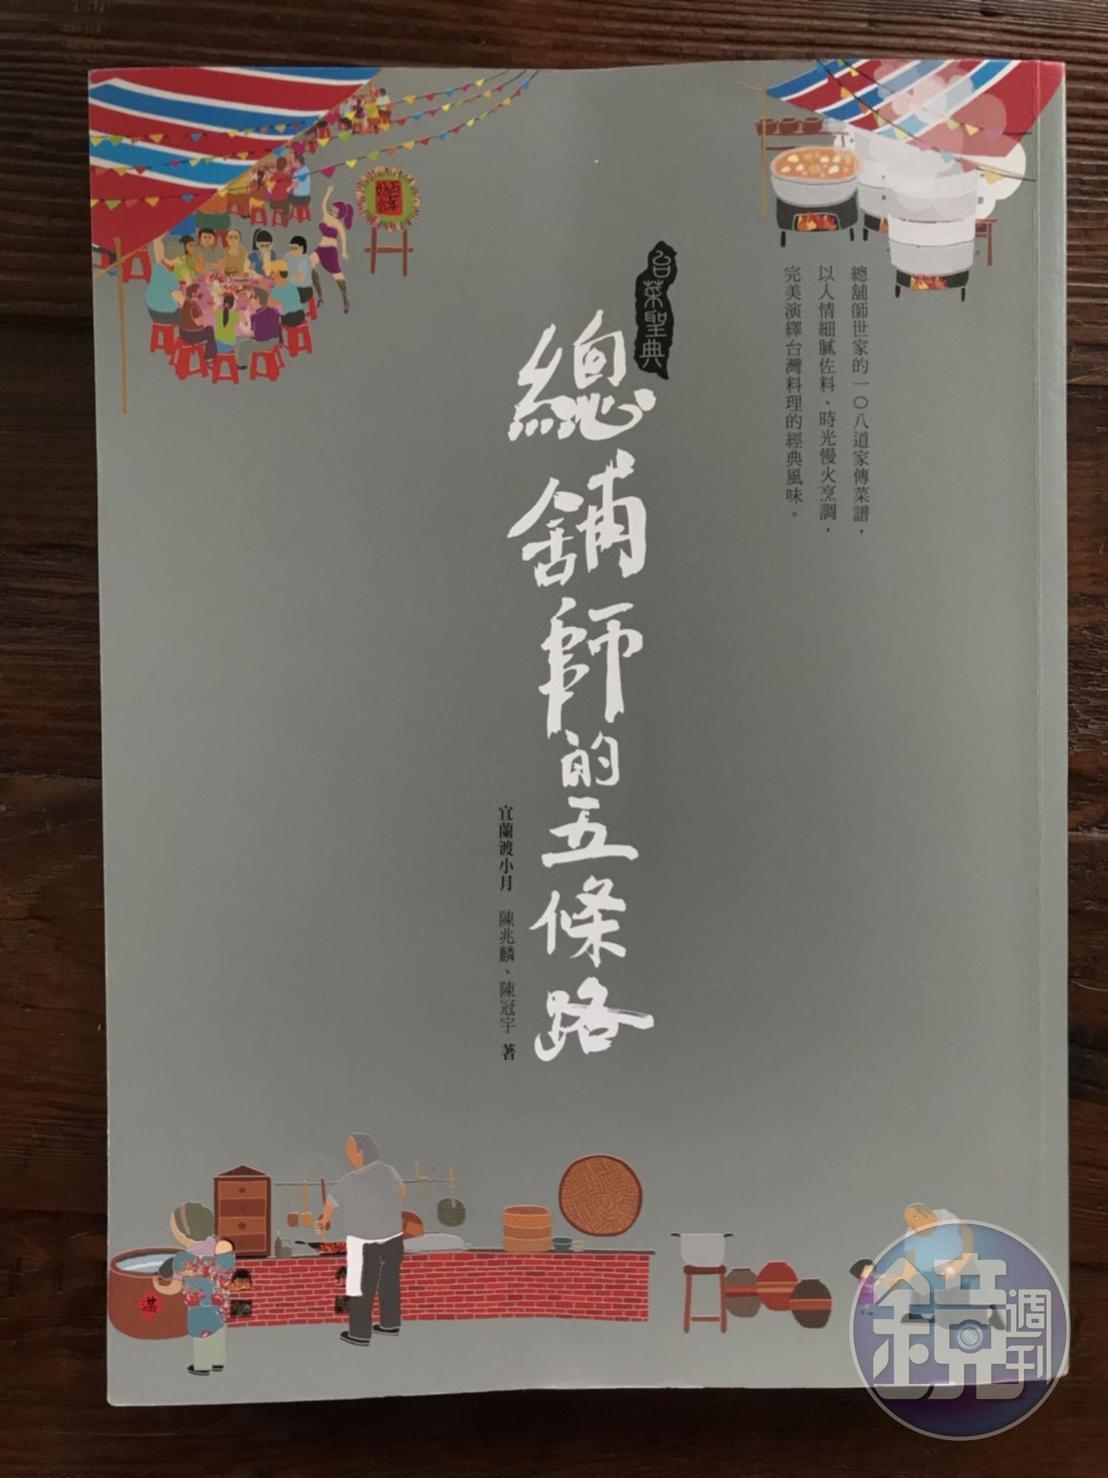 「宜蘭渡小月」餐廳主廚父子檔陳兆麟、陳冠宇,合著新書《總舖師的五條路》,紀錄下五代傳家的百年餐飲世家故事。